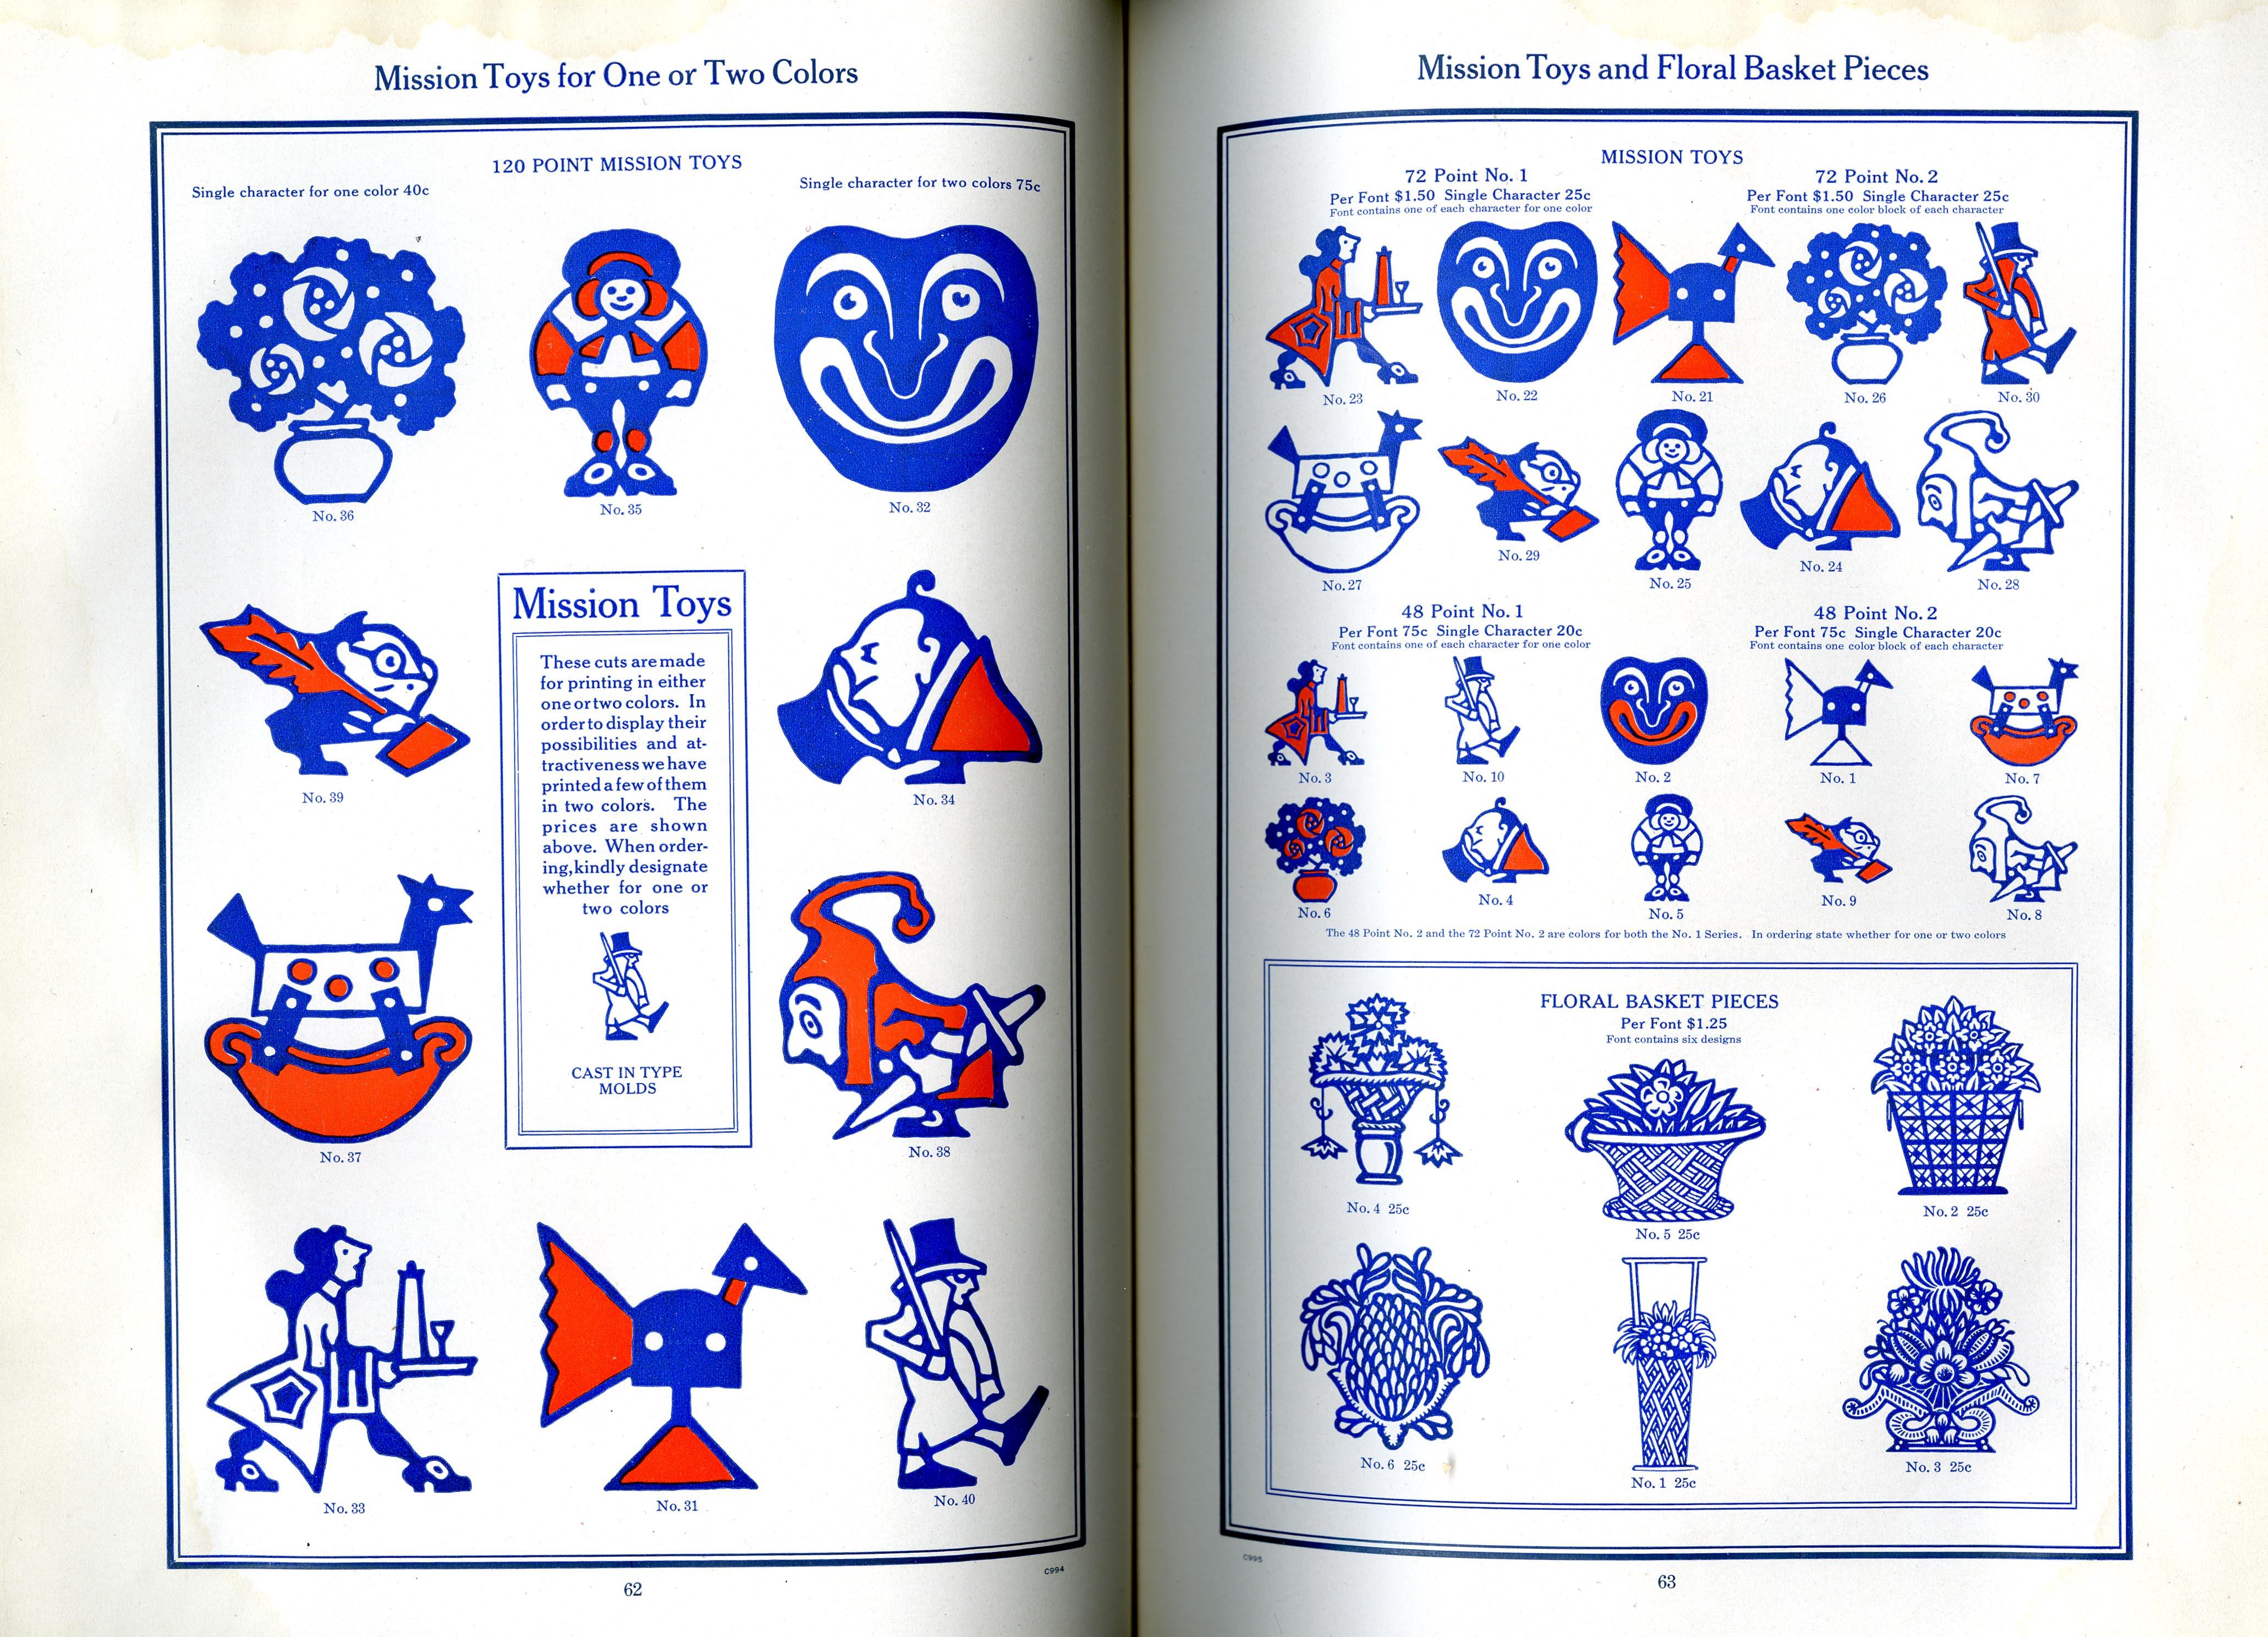 Decorative Materials, Borders, Ornaments and Initials